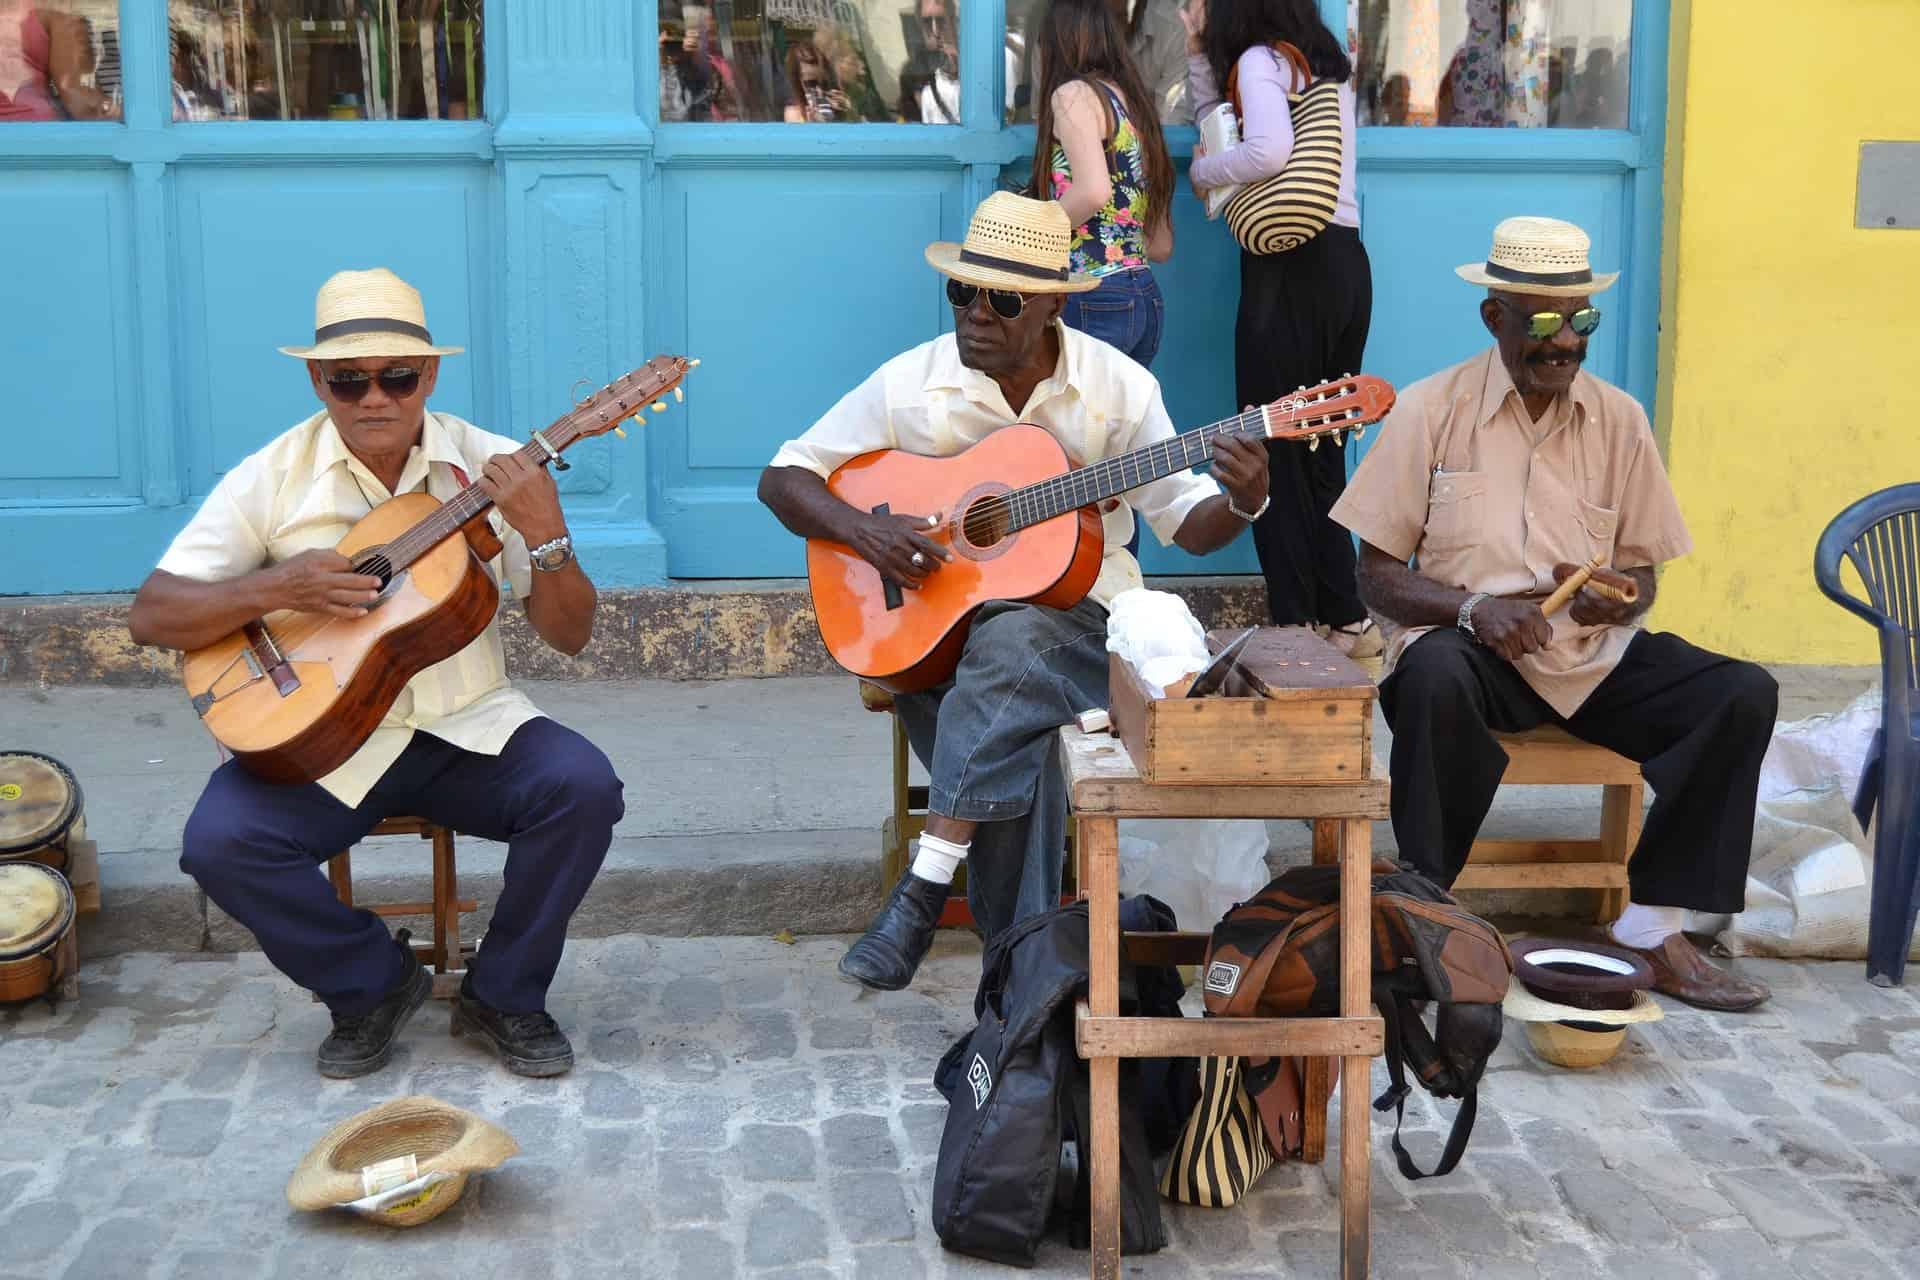 Typische Kubaner die einfach pure Lebensfreude austrahlen